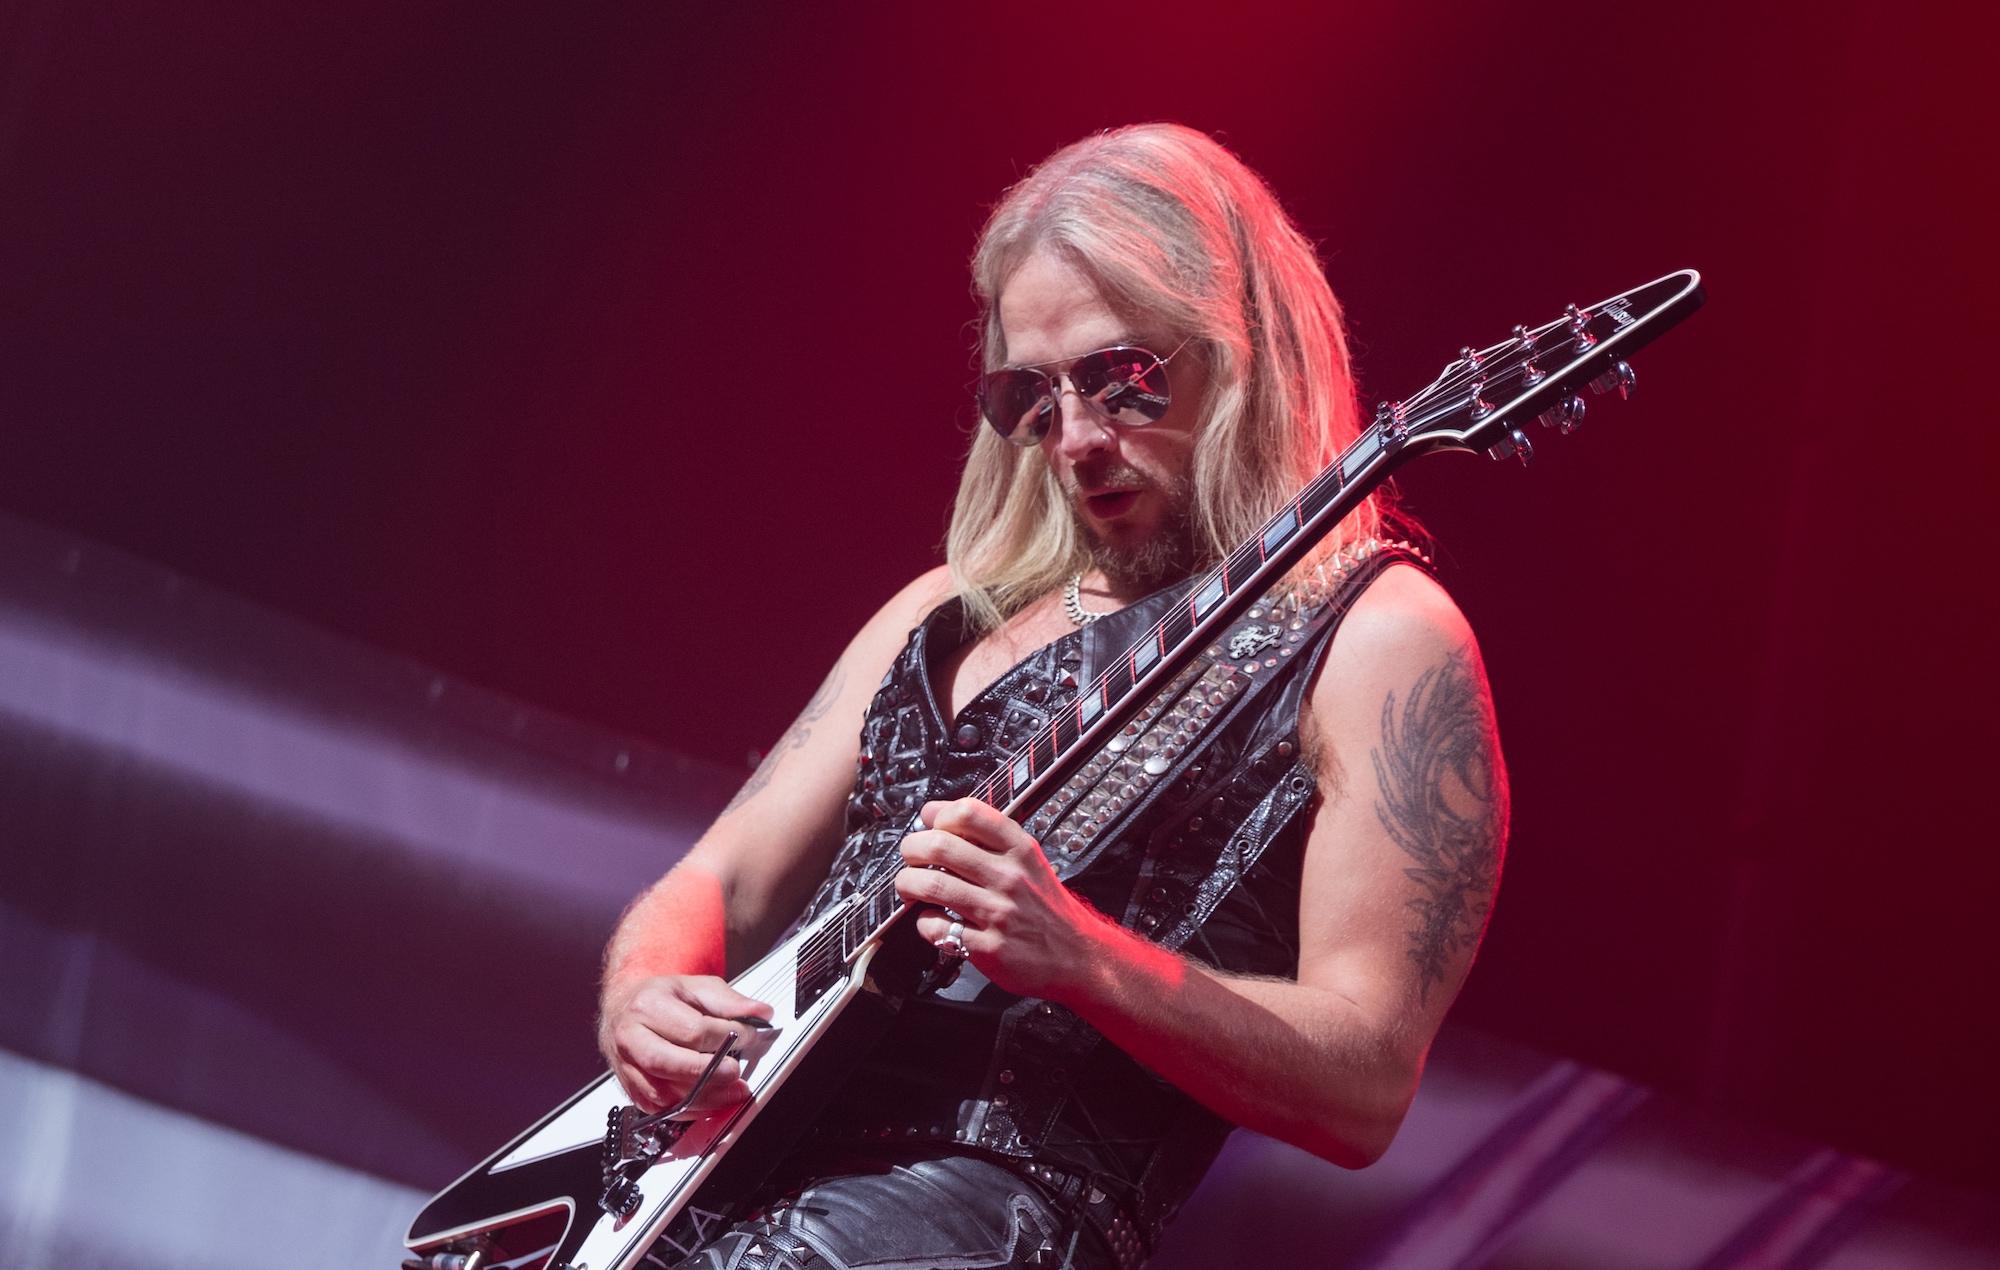 Richie Faulkner performs with Judas Priest